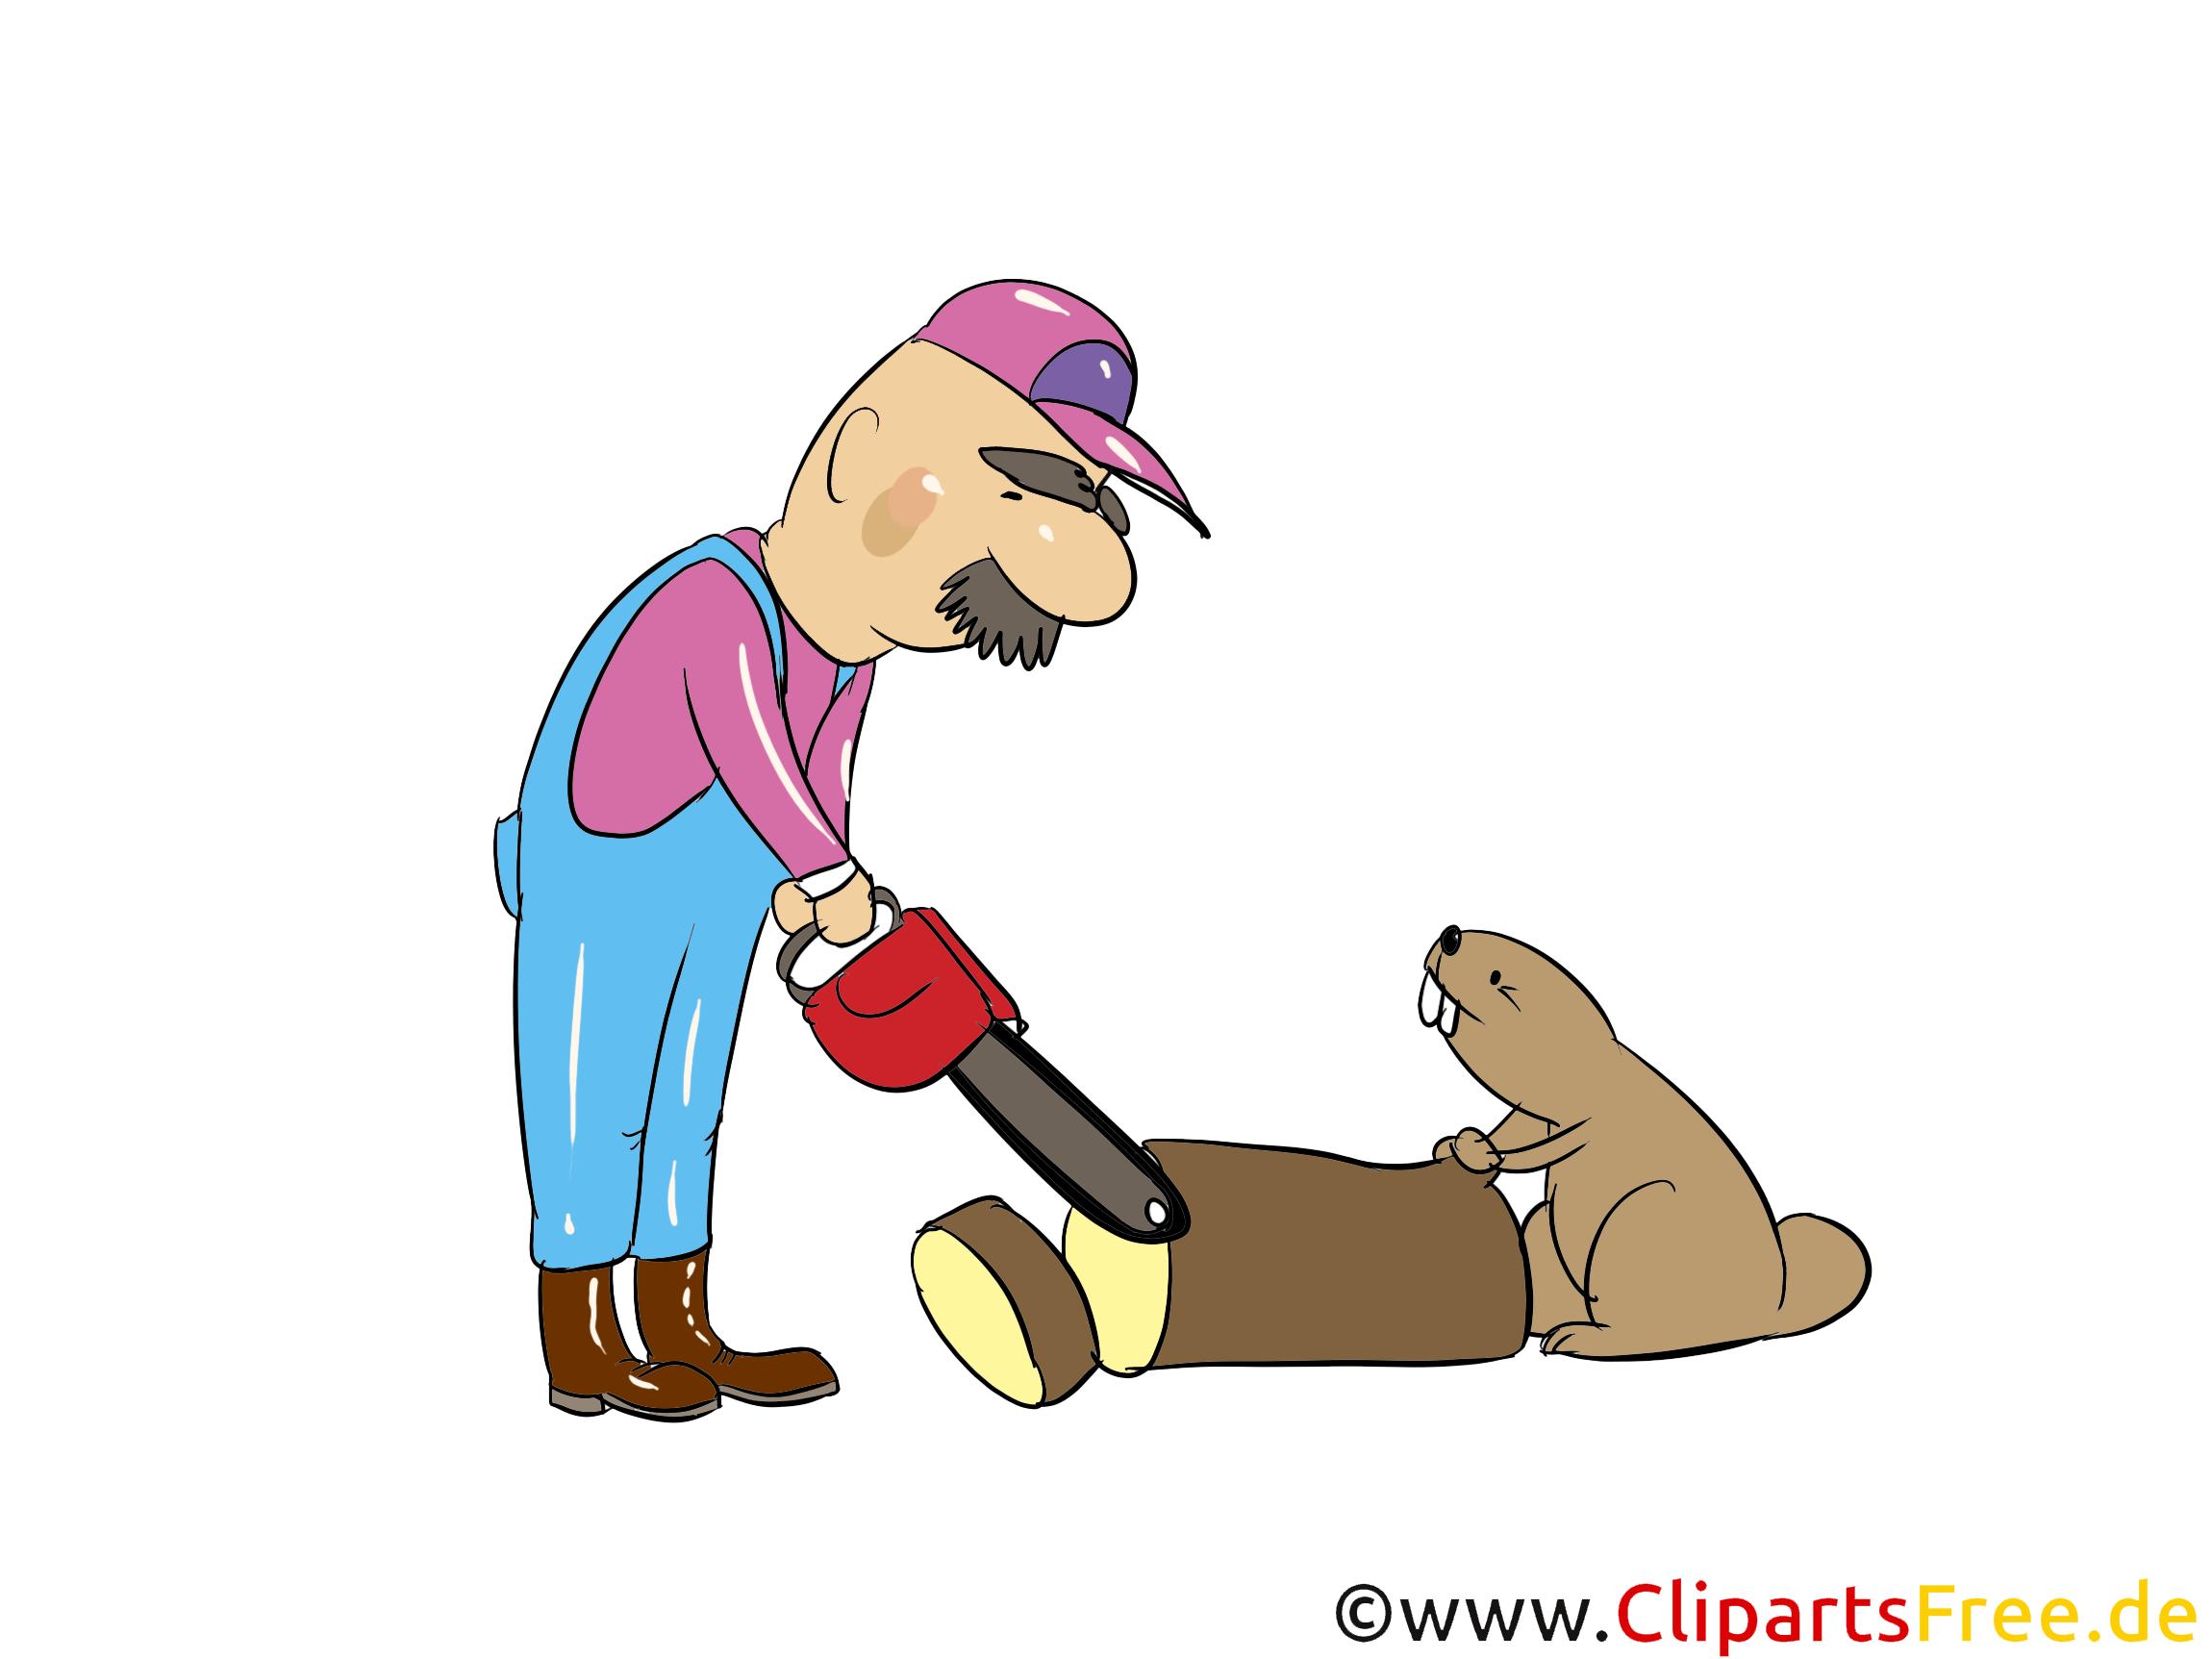 Forstmeister mit Kettensäge und Biber  Bild, Clipart, Illustration